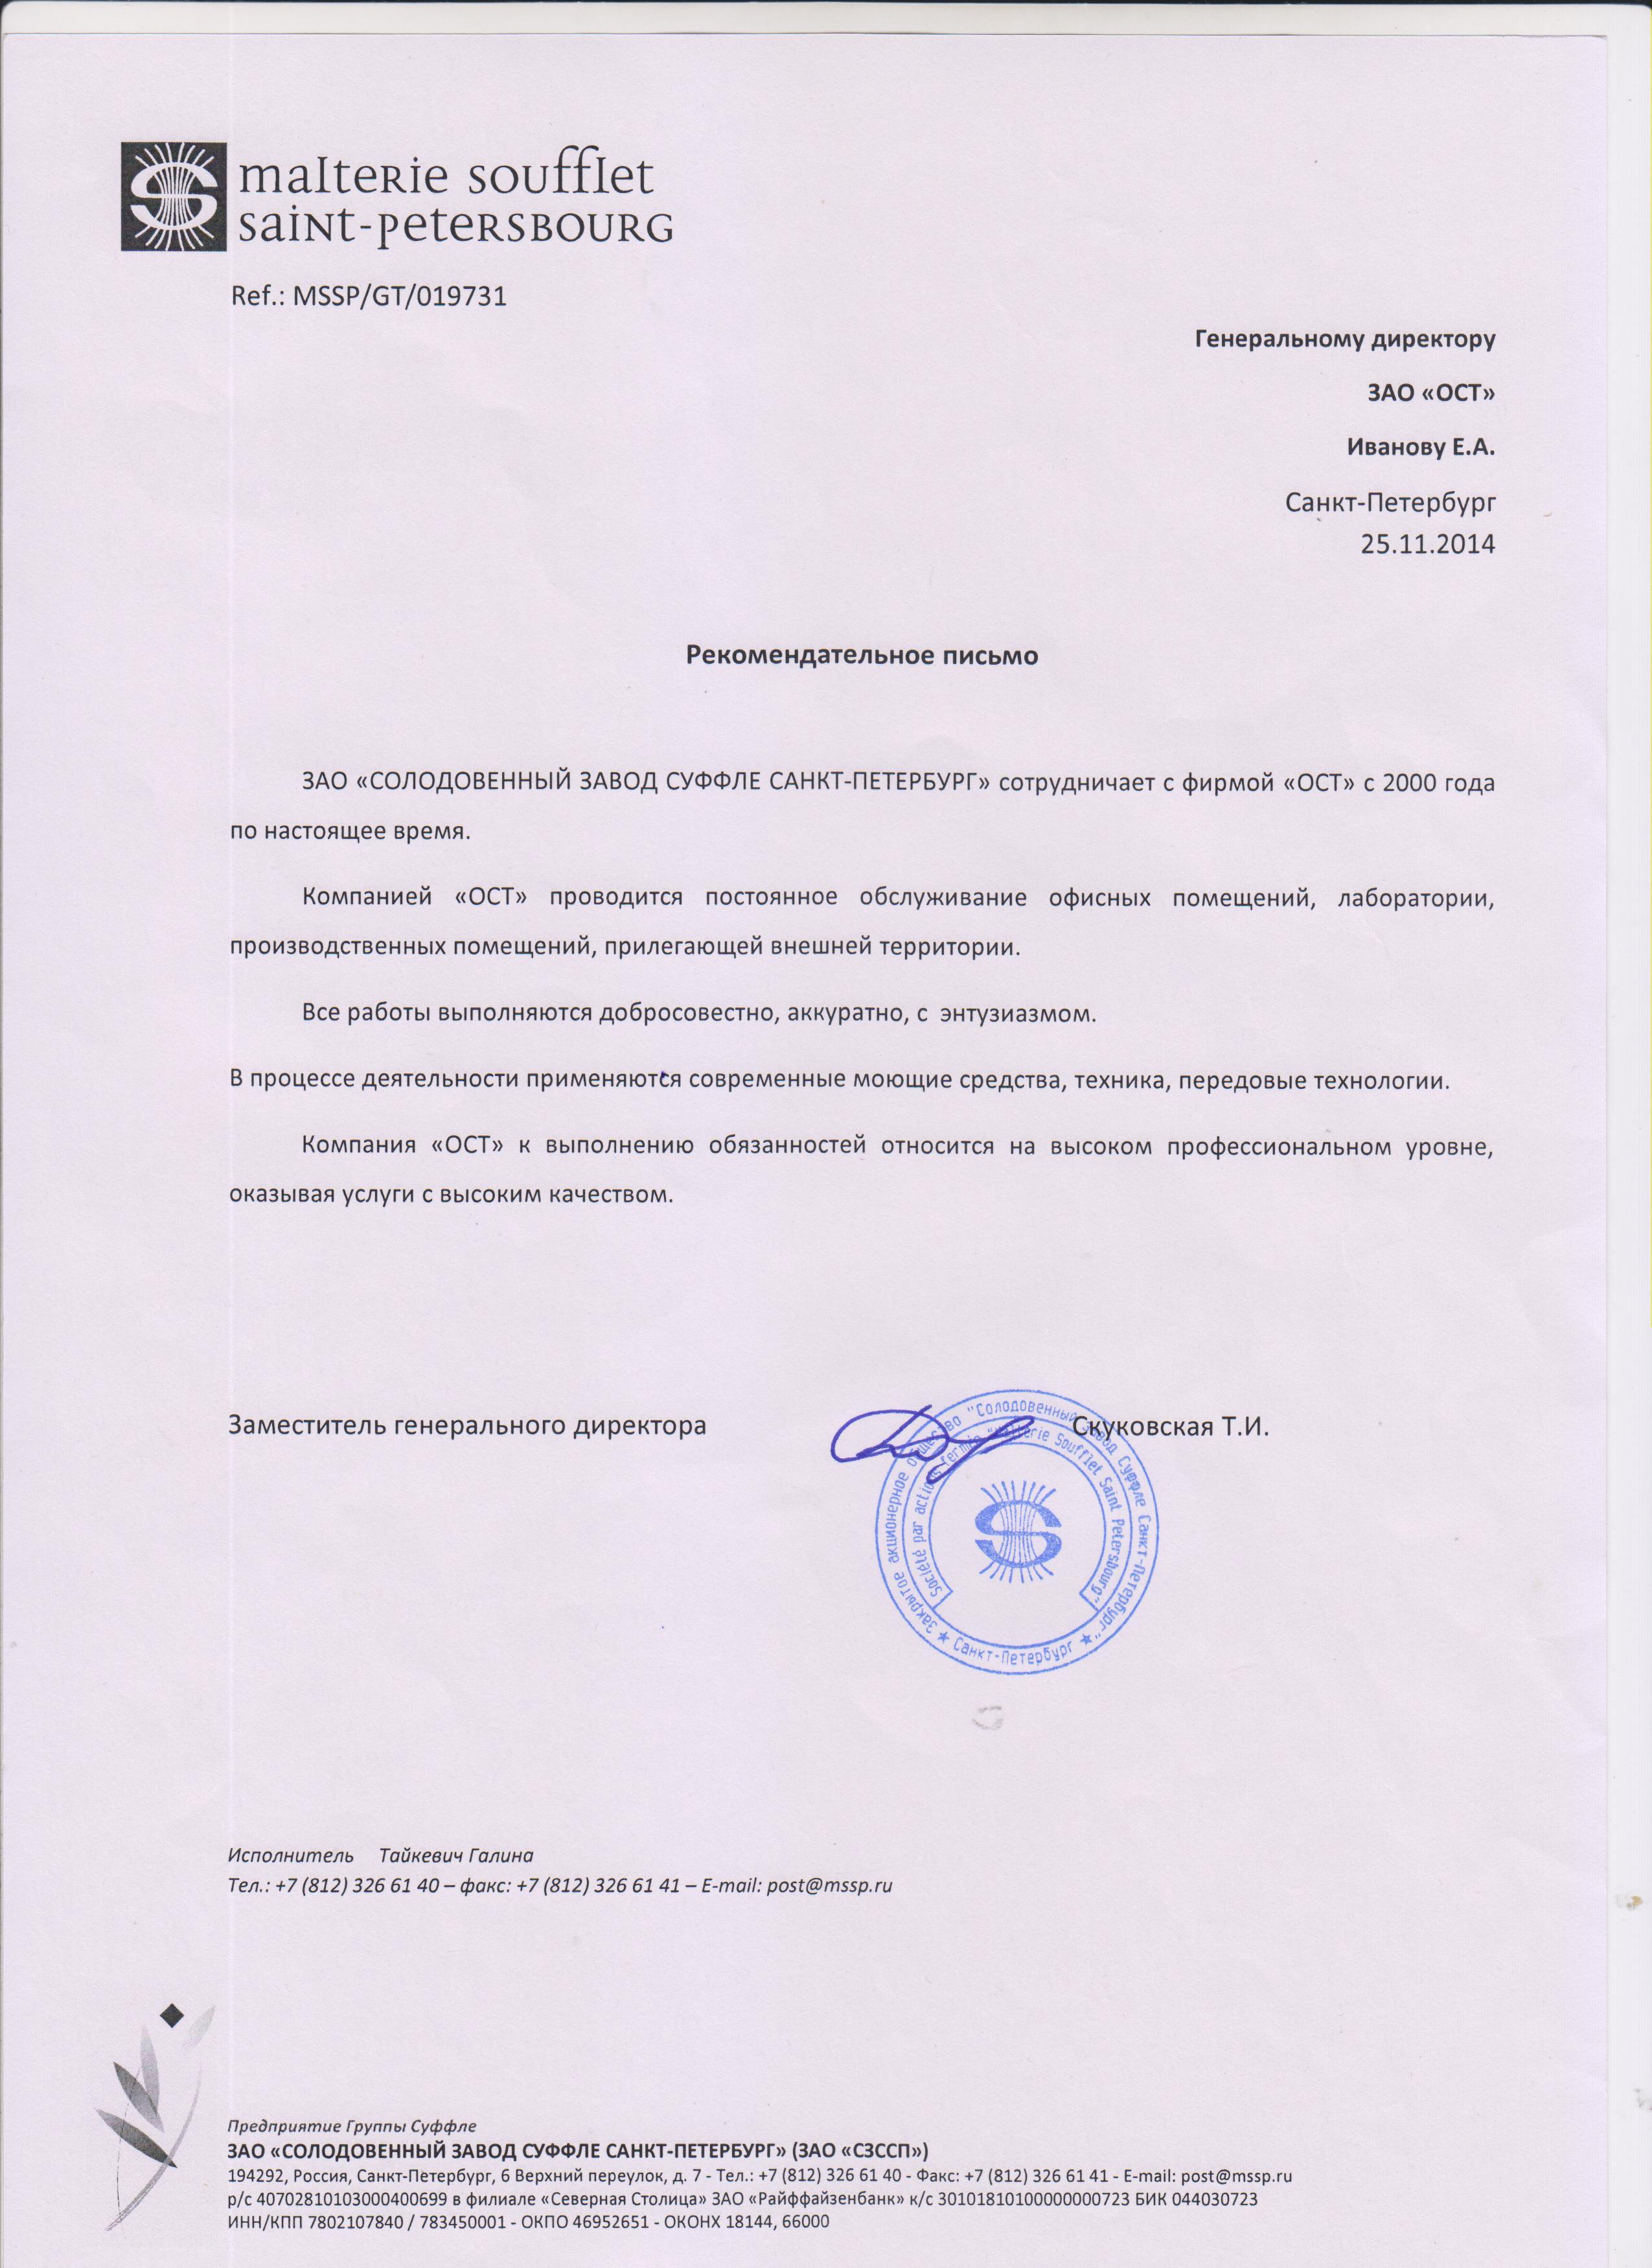 ЗАО «СОЛОДОВЕННЫЙ ЗАВОД СУФЛЕ САНКТ-ПЕТЕРБУРГ»